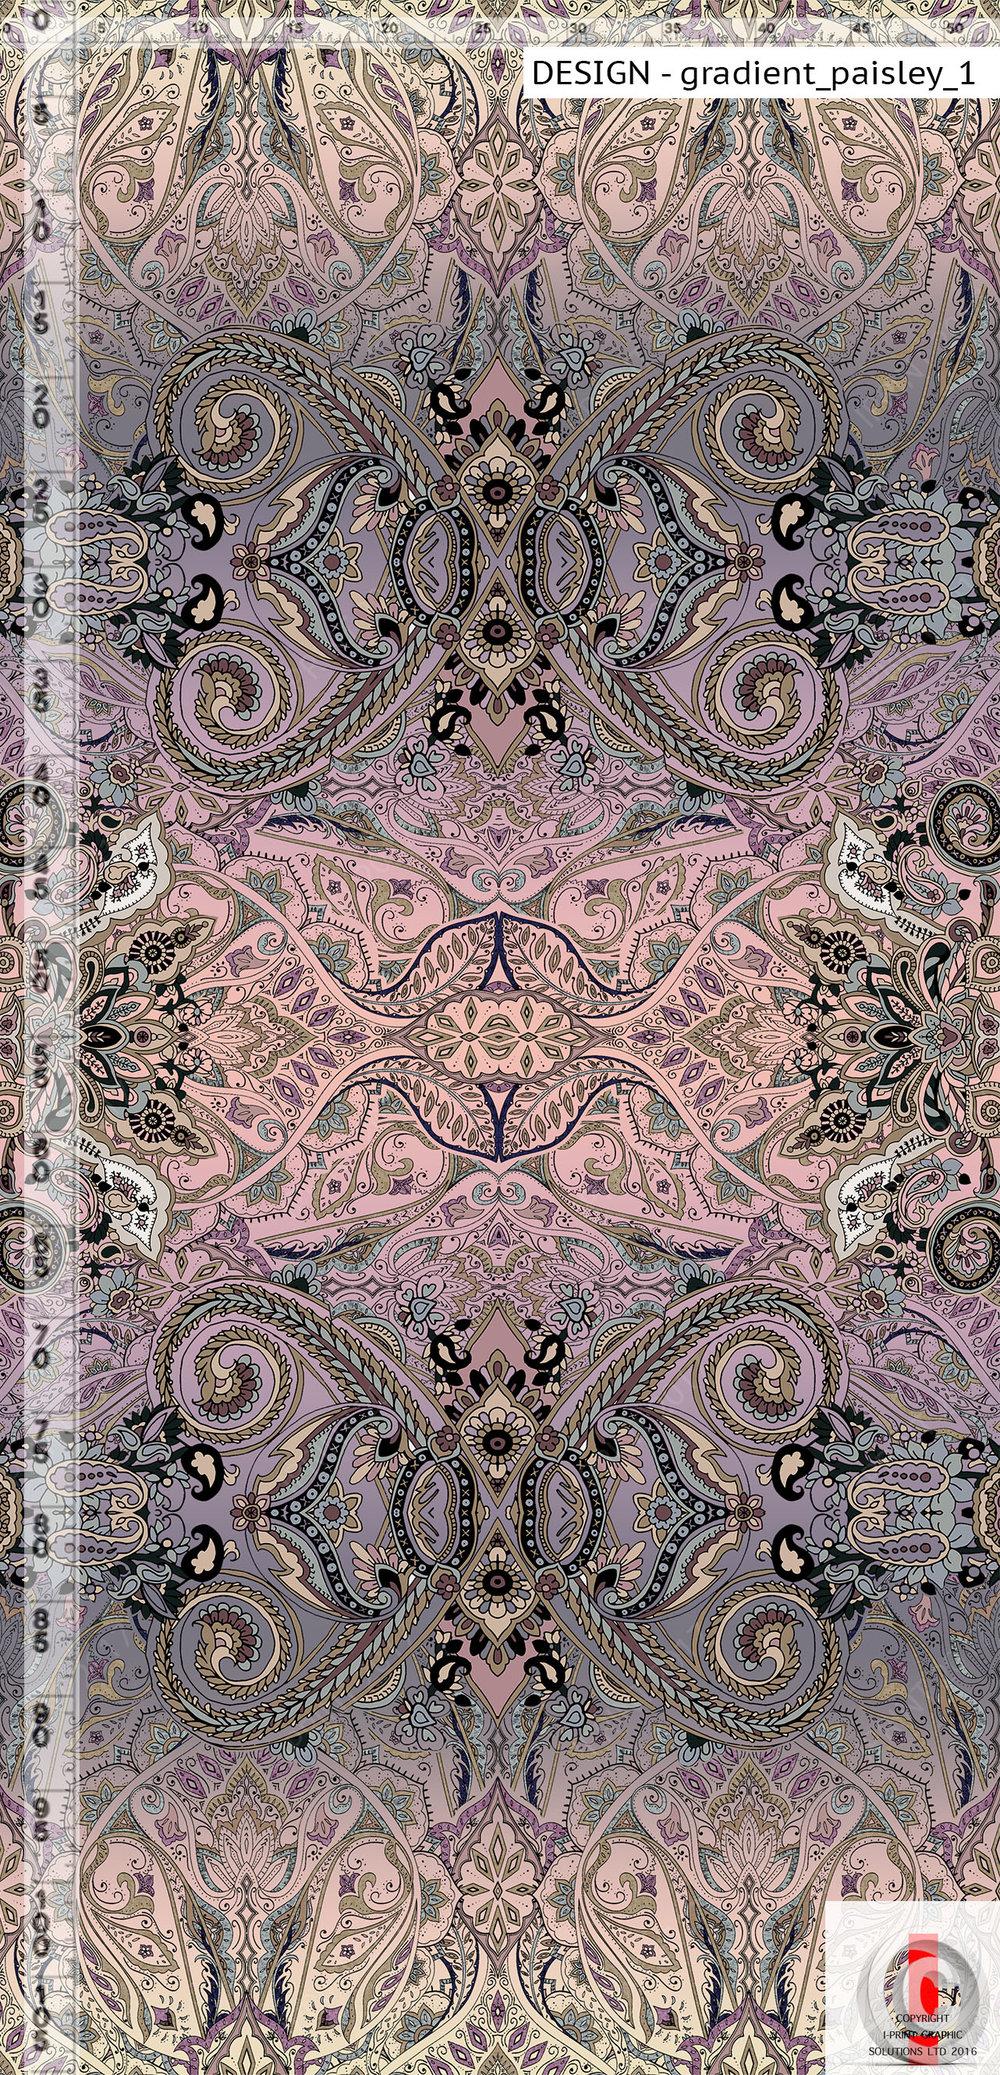 gradient_paisley_1.jpg